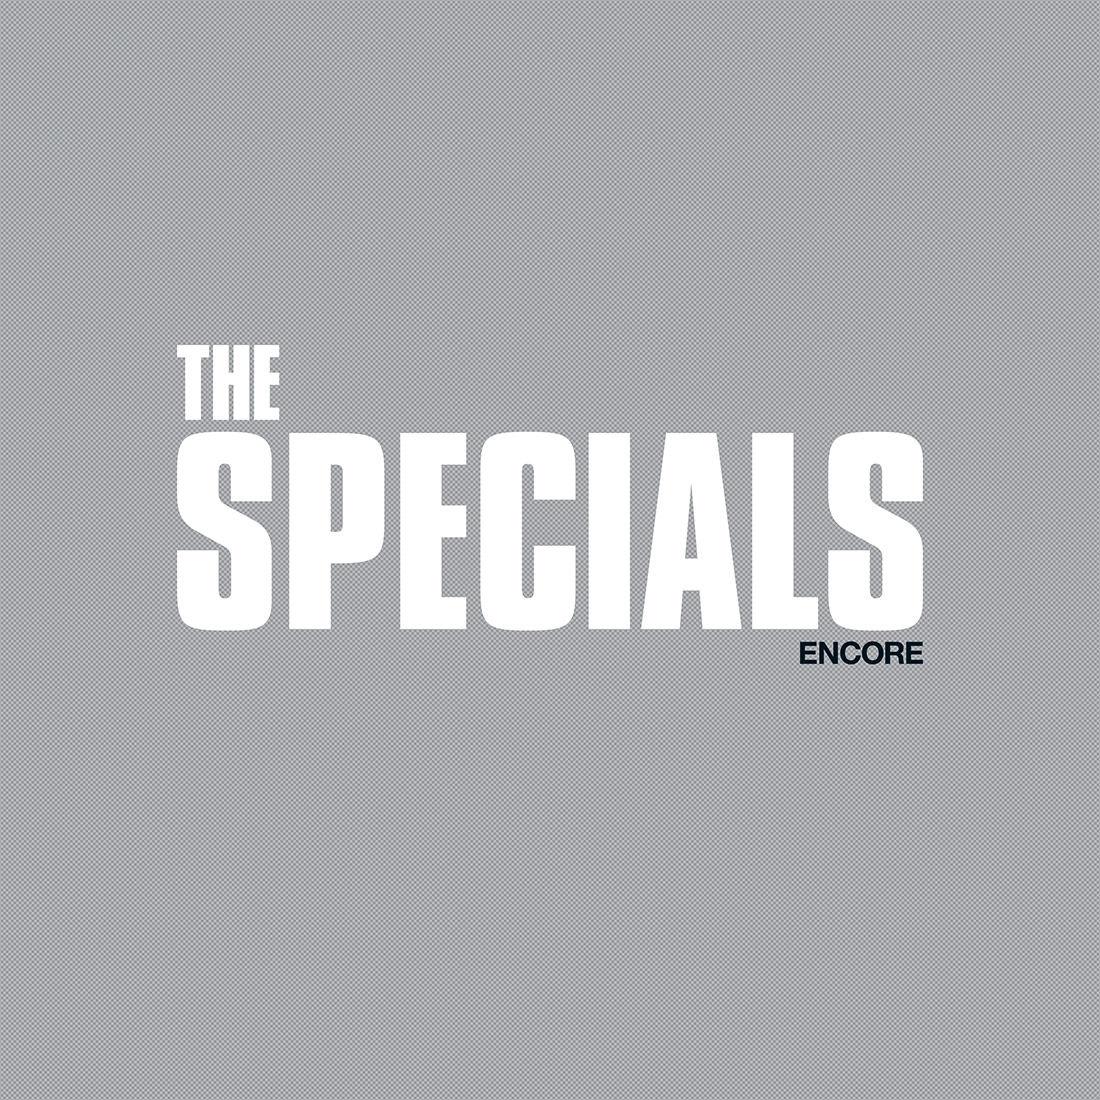 Resultado de imagen de the specials encore